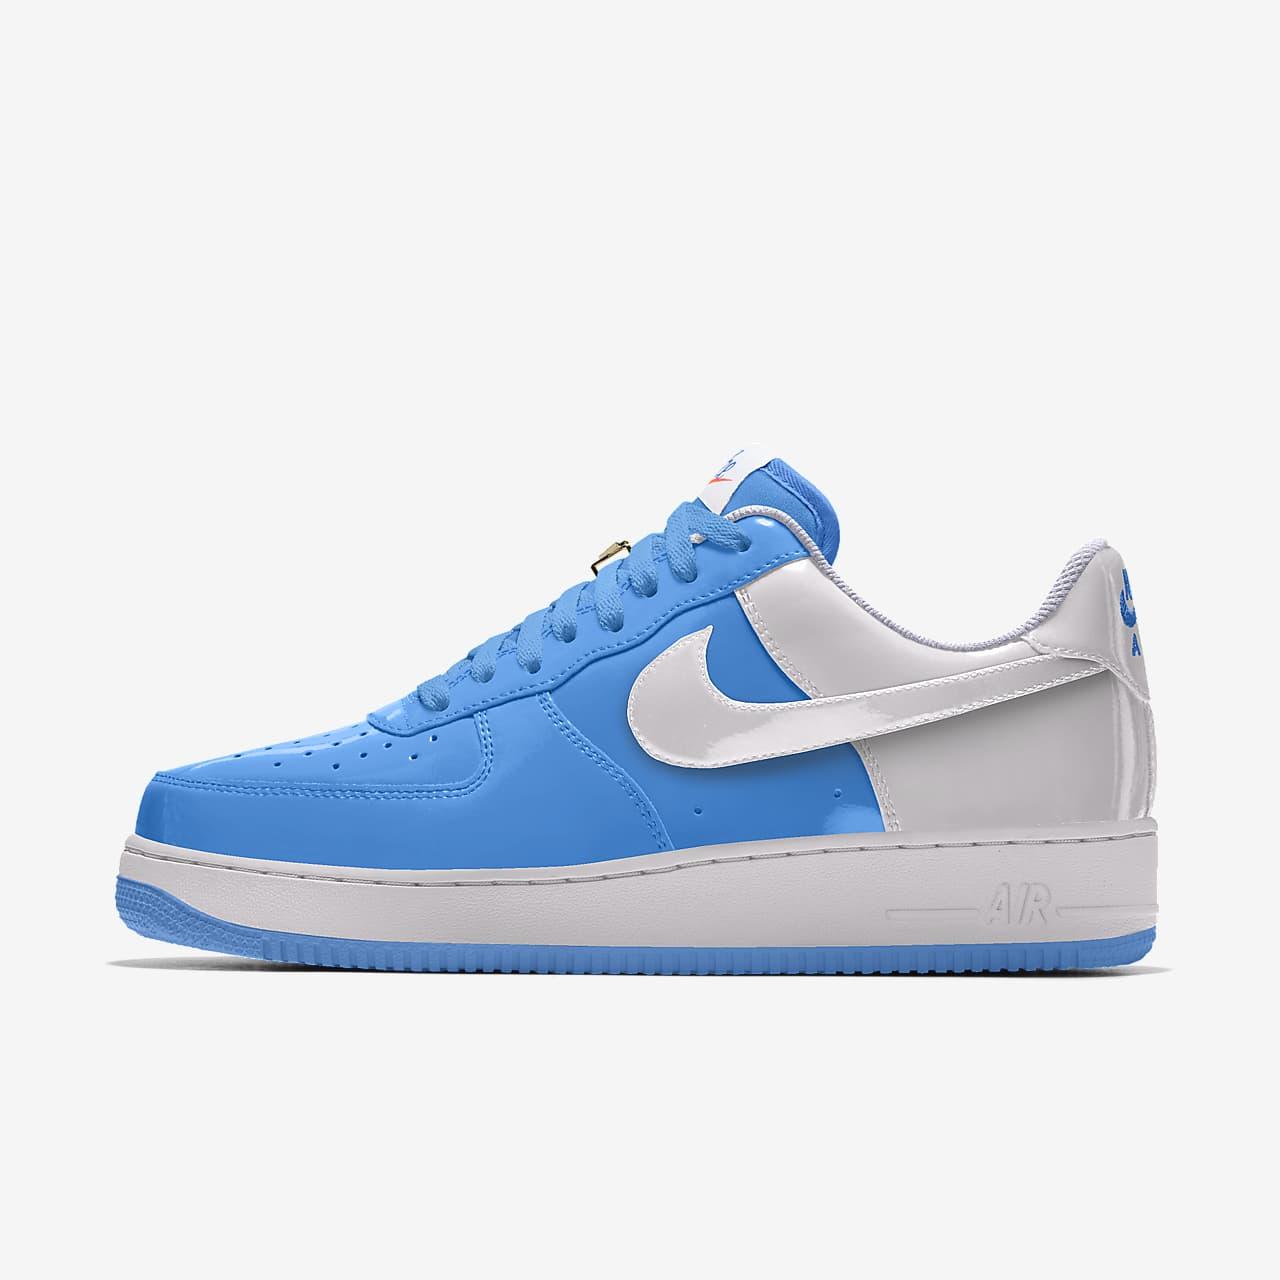 Nike Air Force 1 Low Unlocked tilpasset herresko